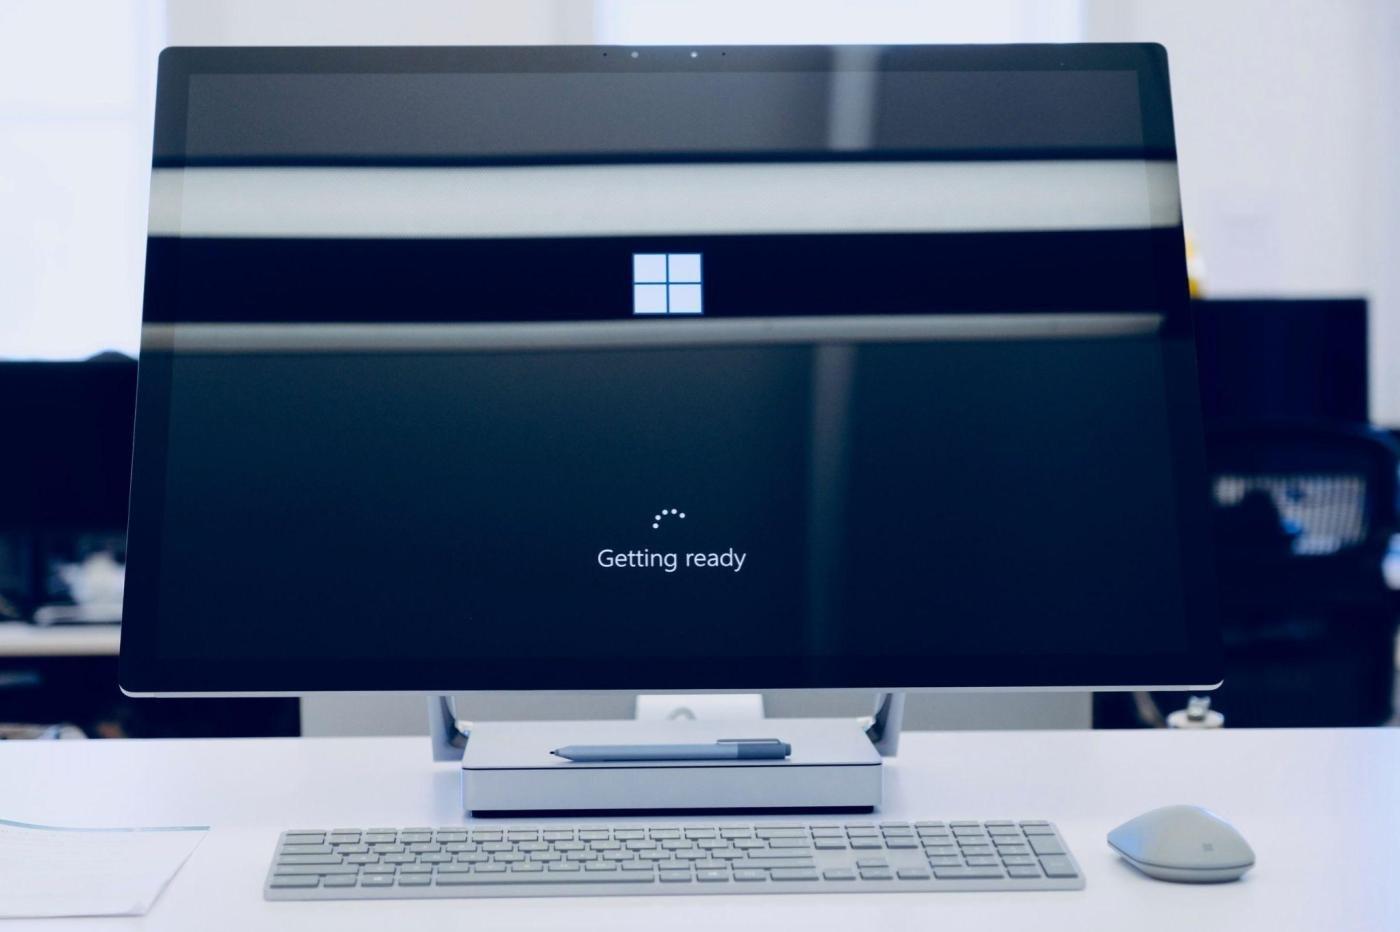 L'installation de Windows 10 en cours.